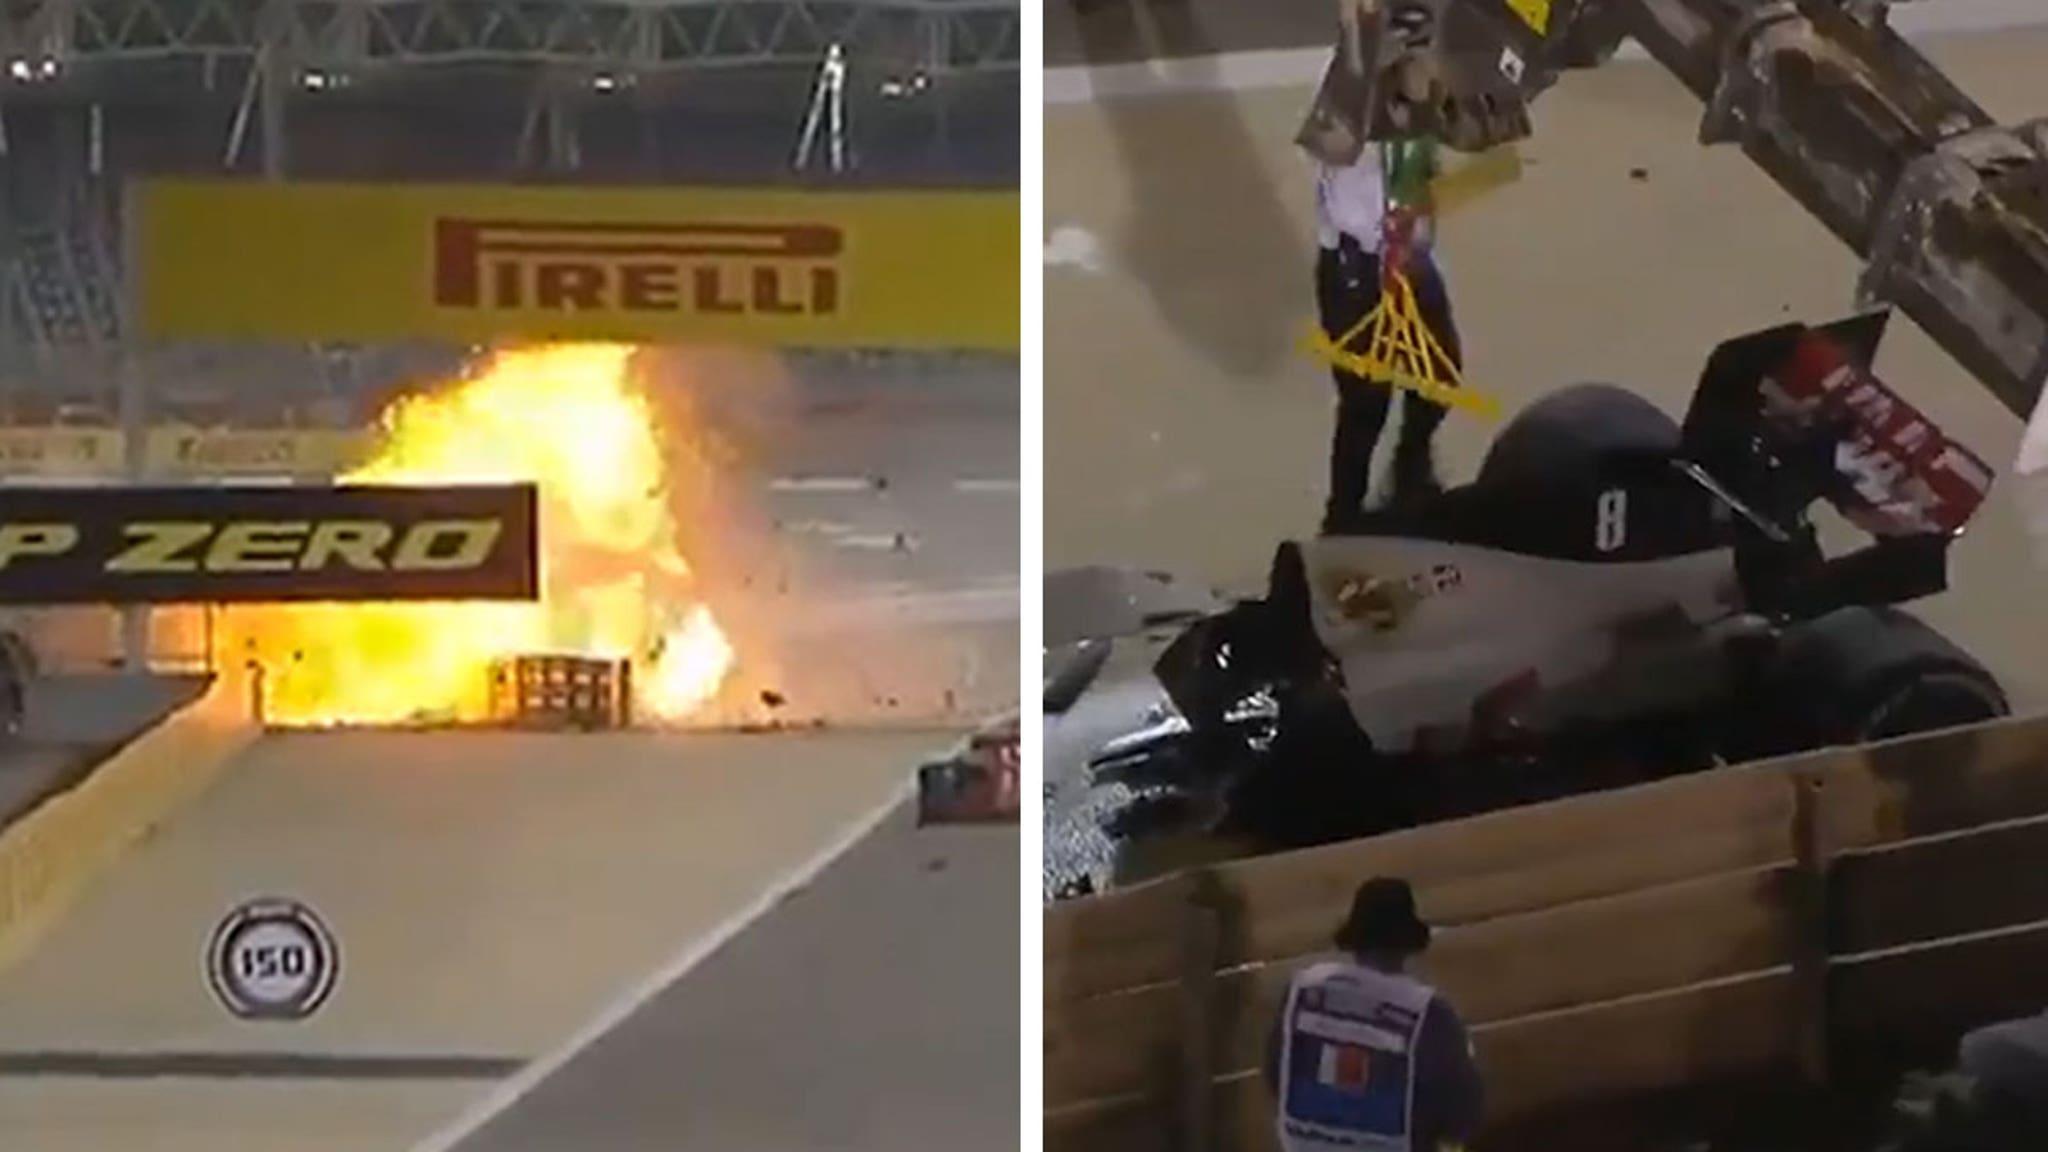 F1 Driver Romain Grosjean Survives Fiery Crash, Update from Hospital